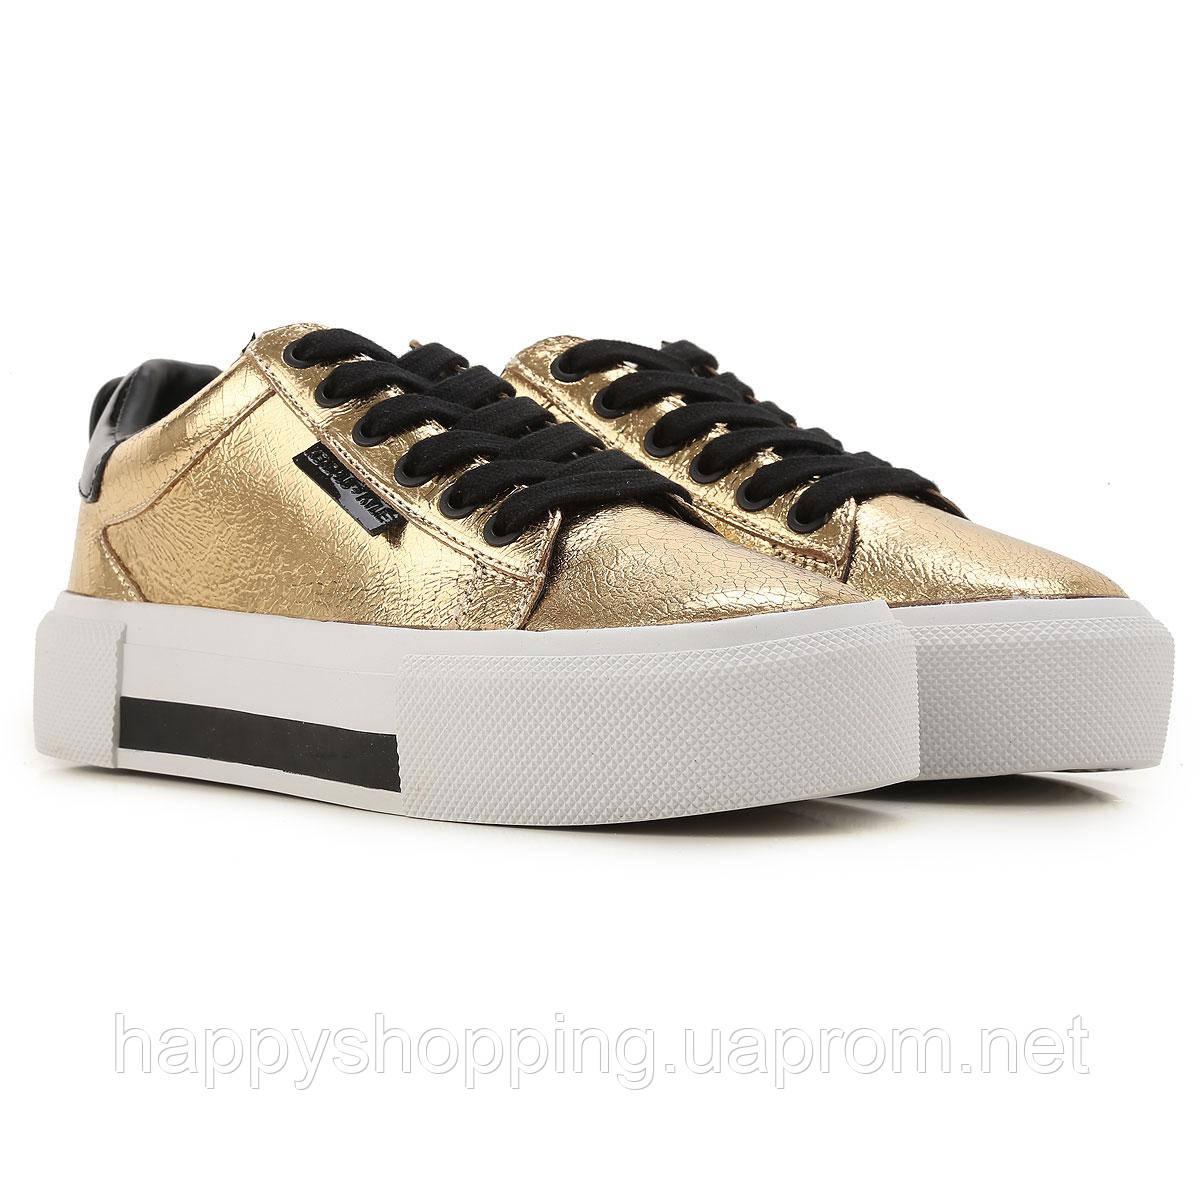 Женские золотистые кожаные кеды Kendall +Kylie